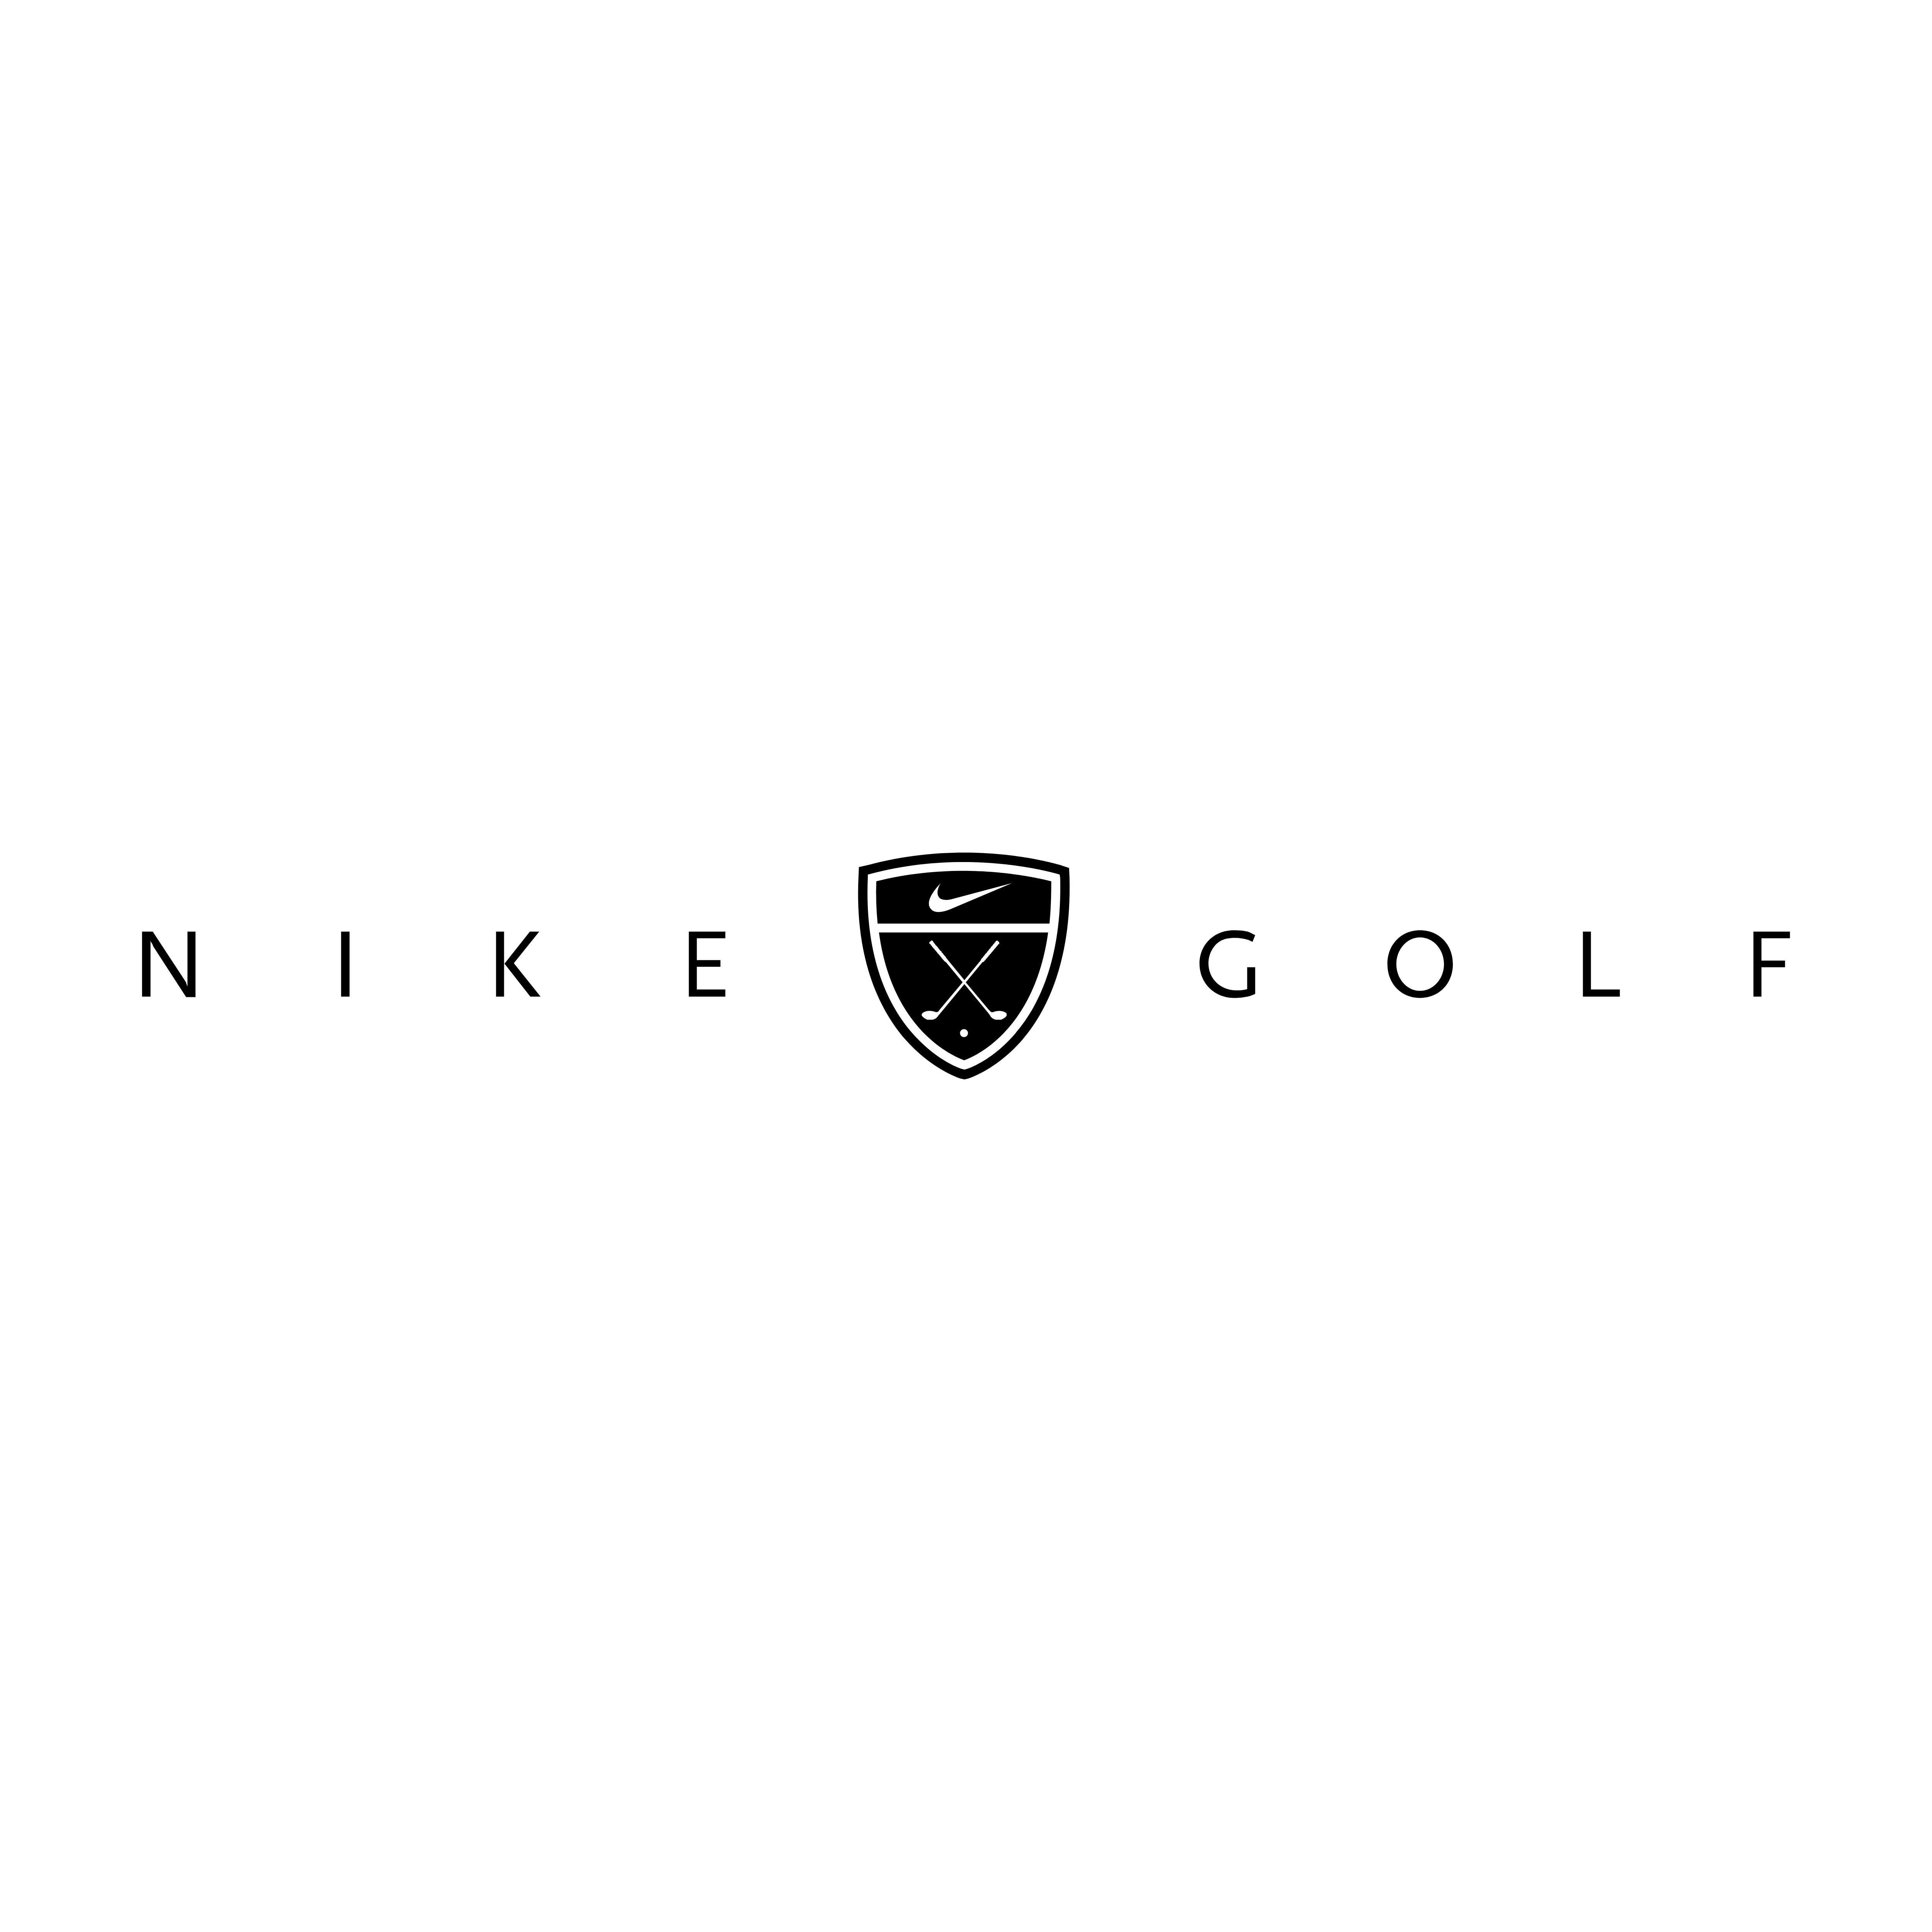 Notorio pueblo Oblongo  Nike – Logos Download